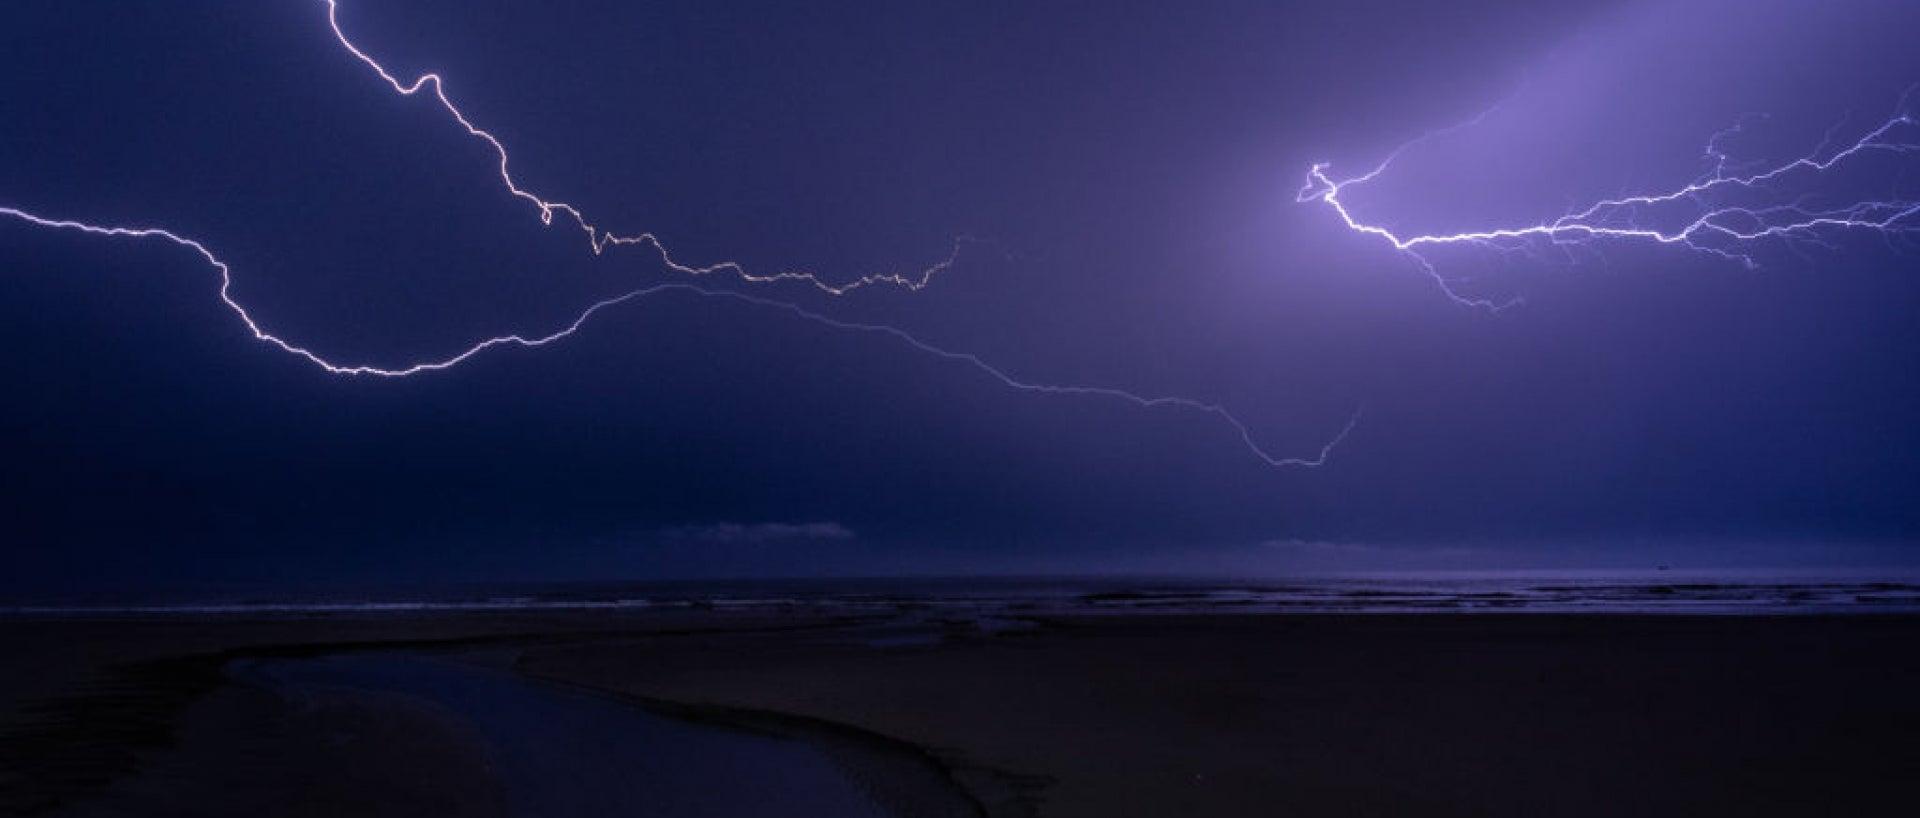 Lightning strike over ocean